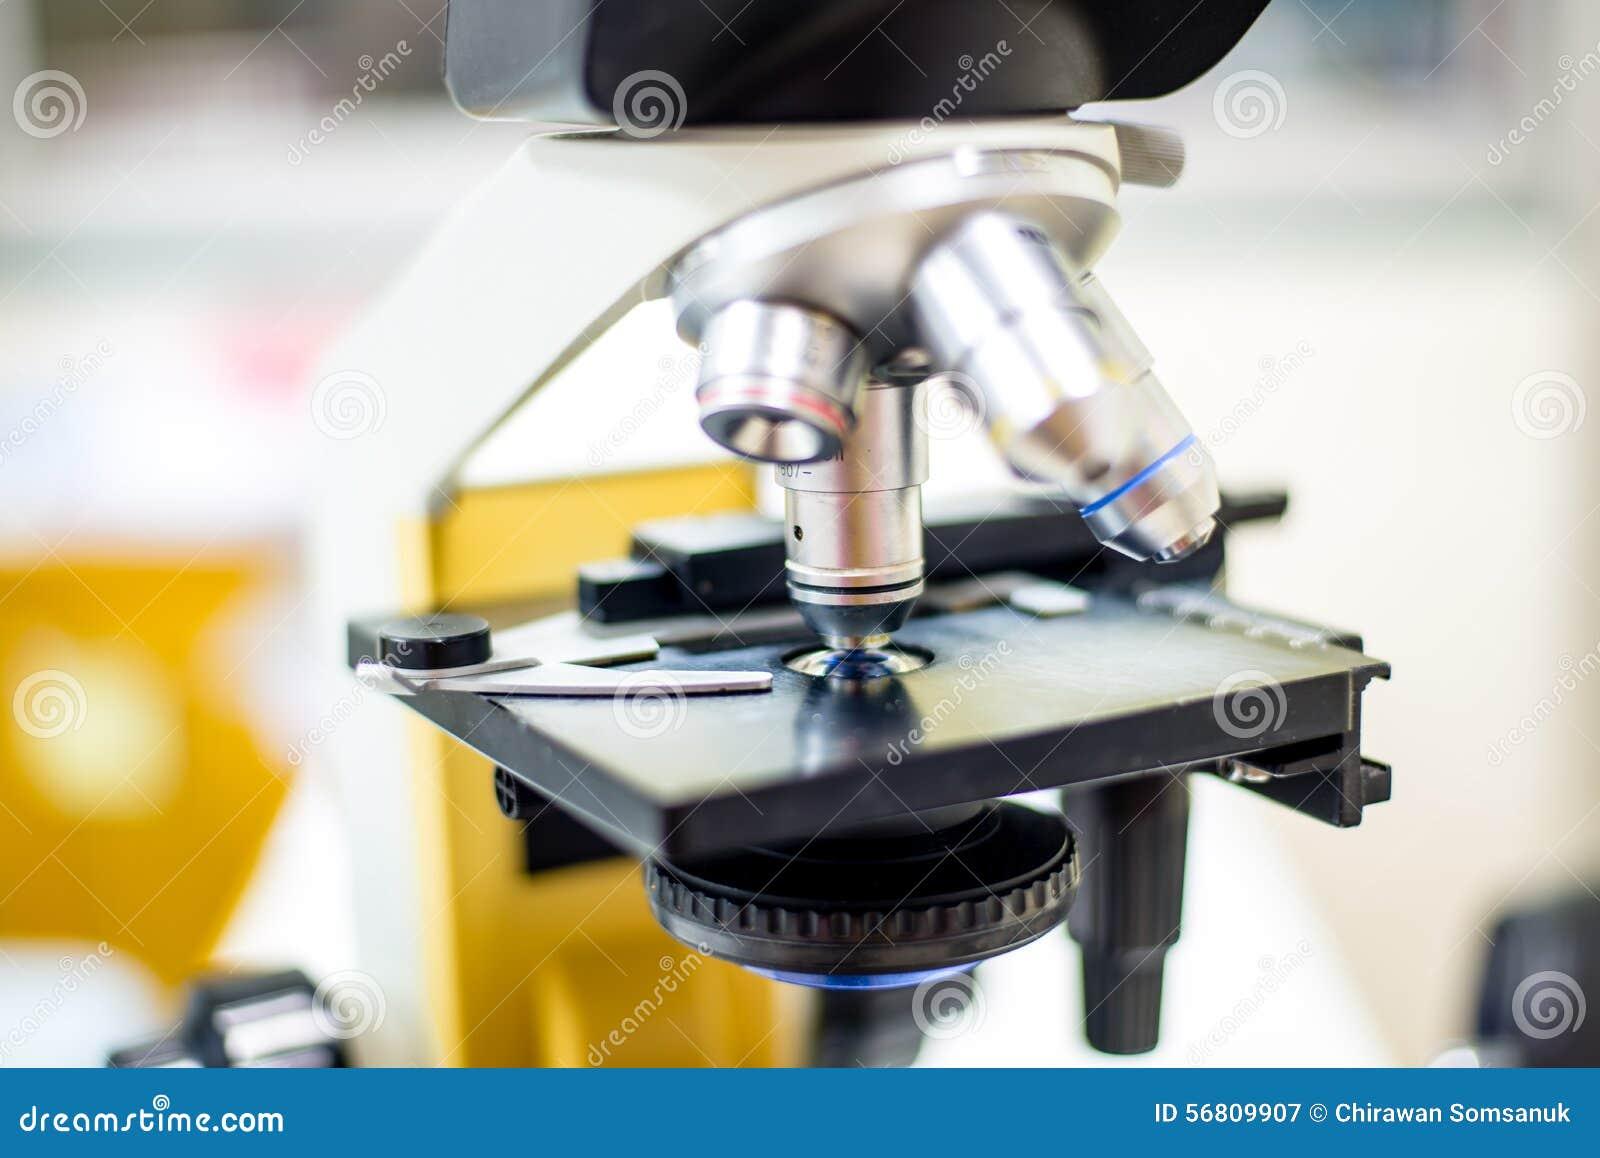 Scientific Biological Microscope.